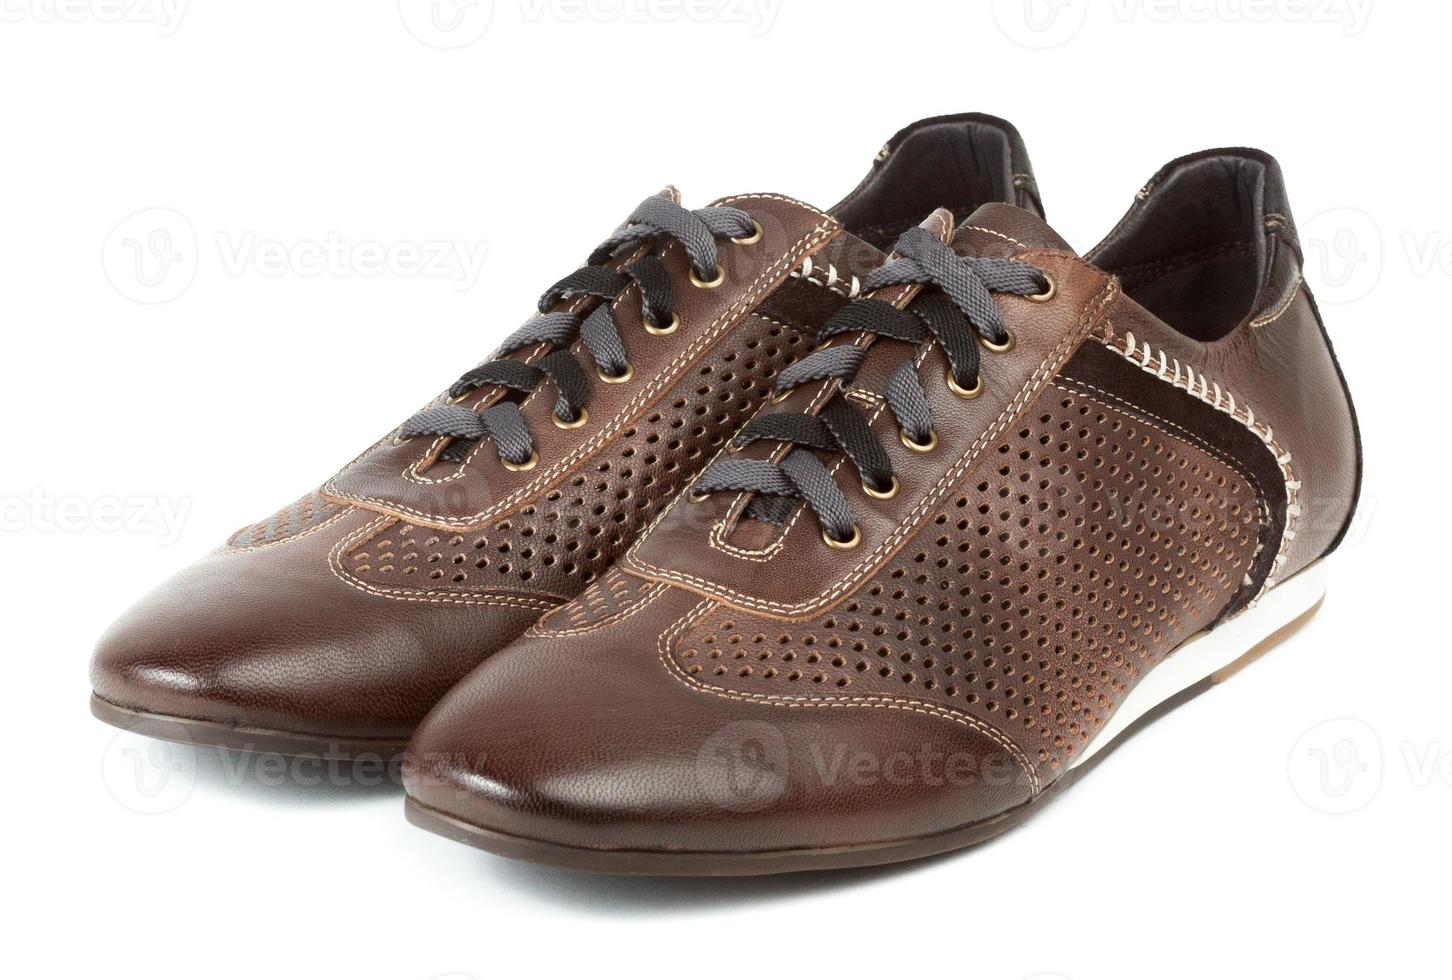 paar bruine comfortabele schoenen voor heren foto